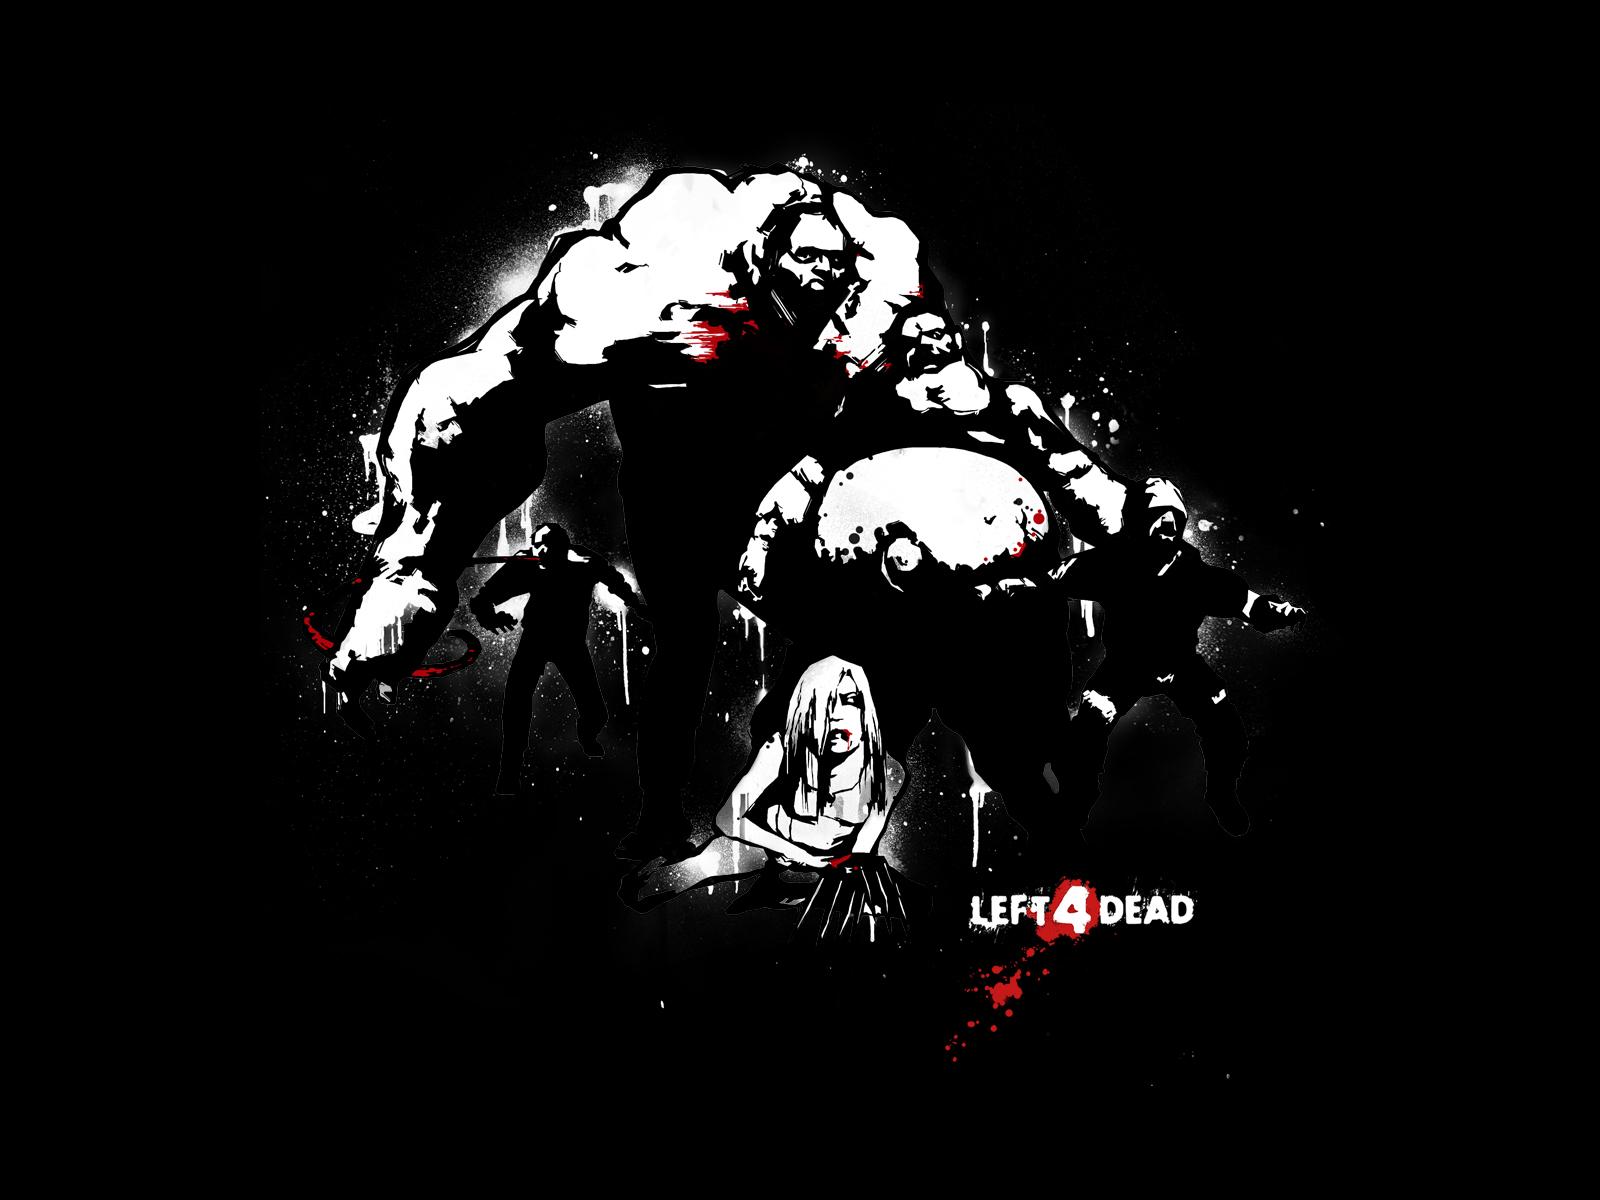 Left 4 Dead1 - Left 4 Dead